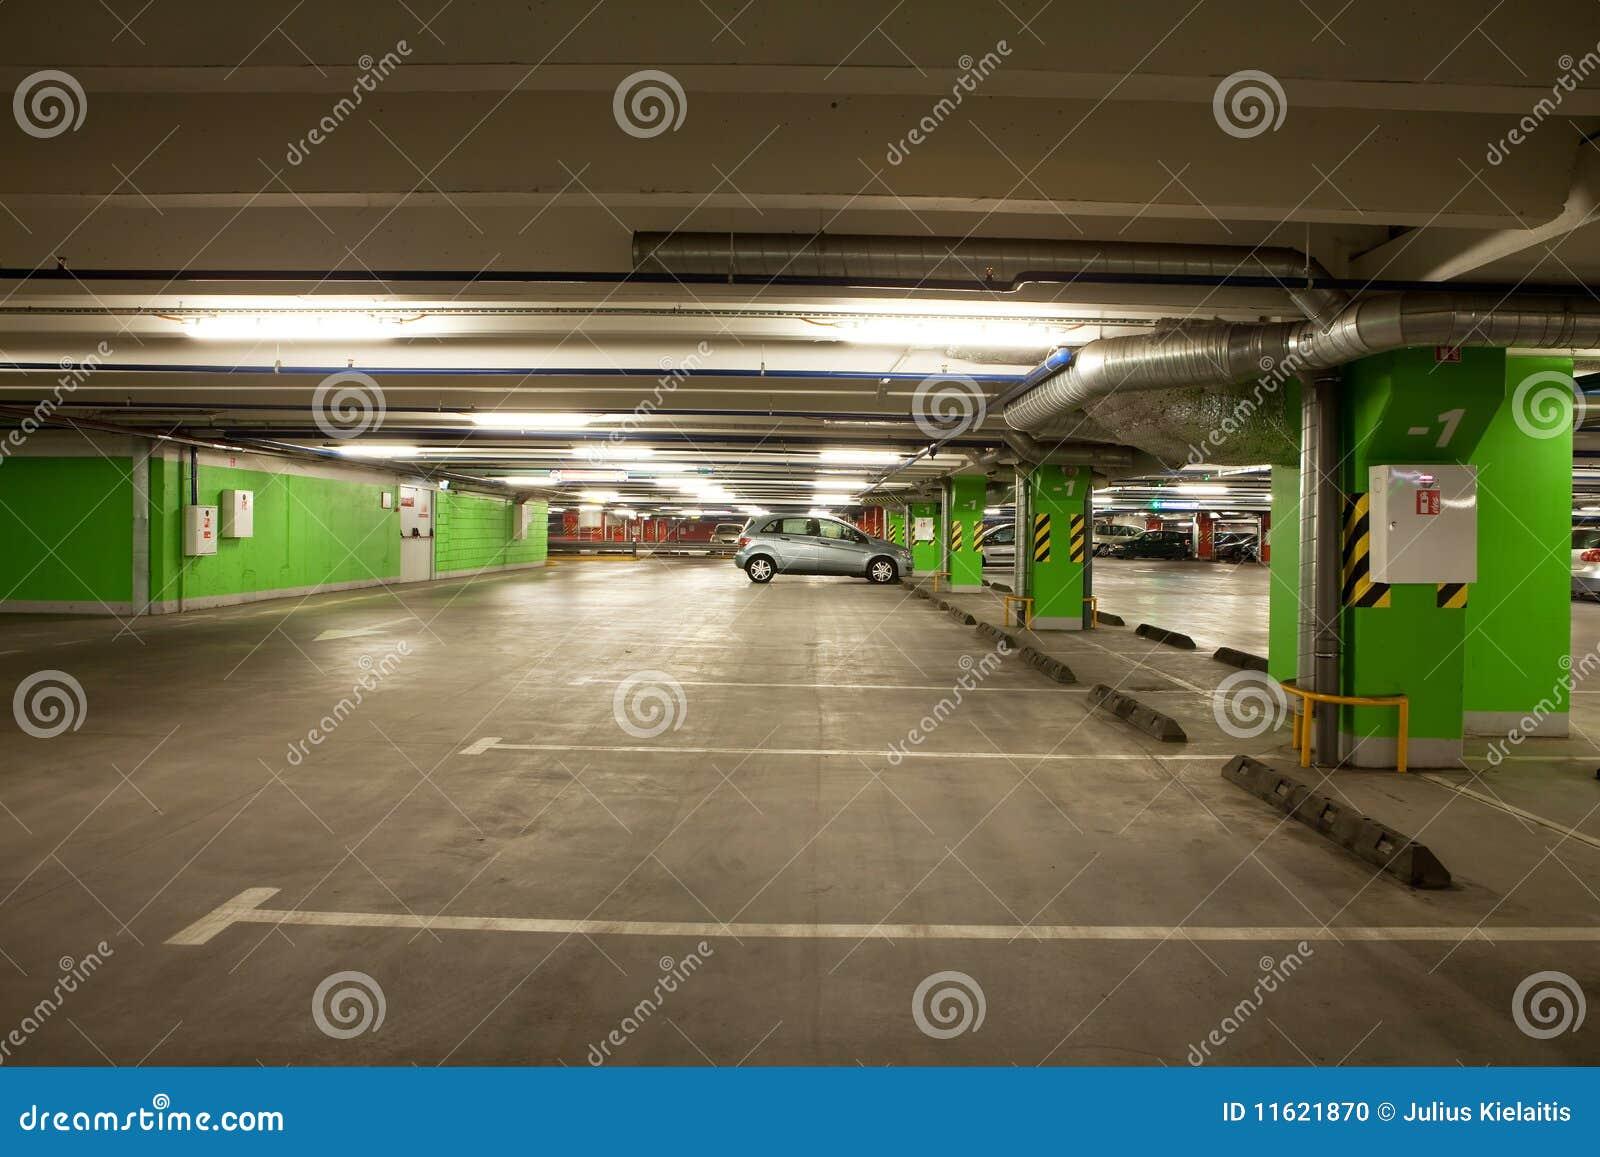 Parcheggio interno del garage sotterraneo fotografia stock - Garage sotterraneo ...